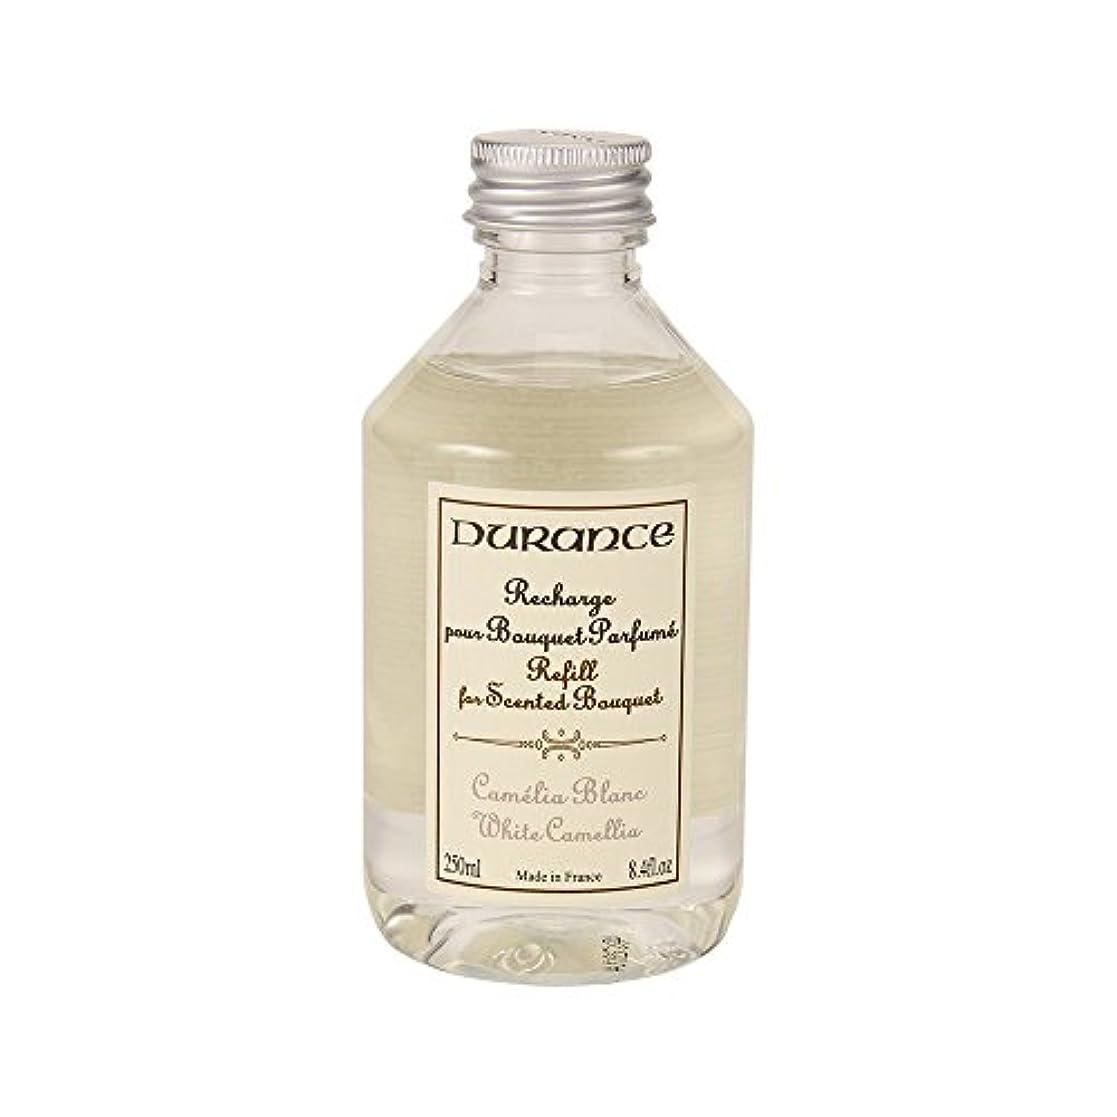 不毛フレア起きてDurance [ デュランス ] Refill for scented bouquet リフィルオイルWhite Camellia ホワイト カメリア 45513 アロマオイル 防ダニ フレグランス ブーケ [並行輸入品]